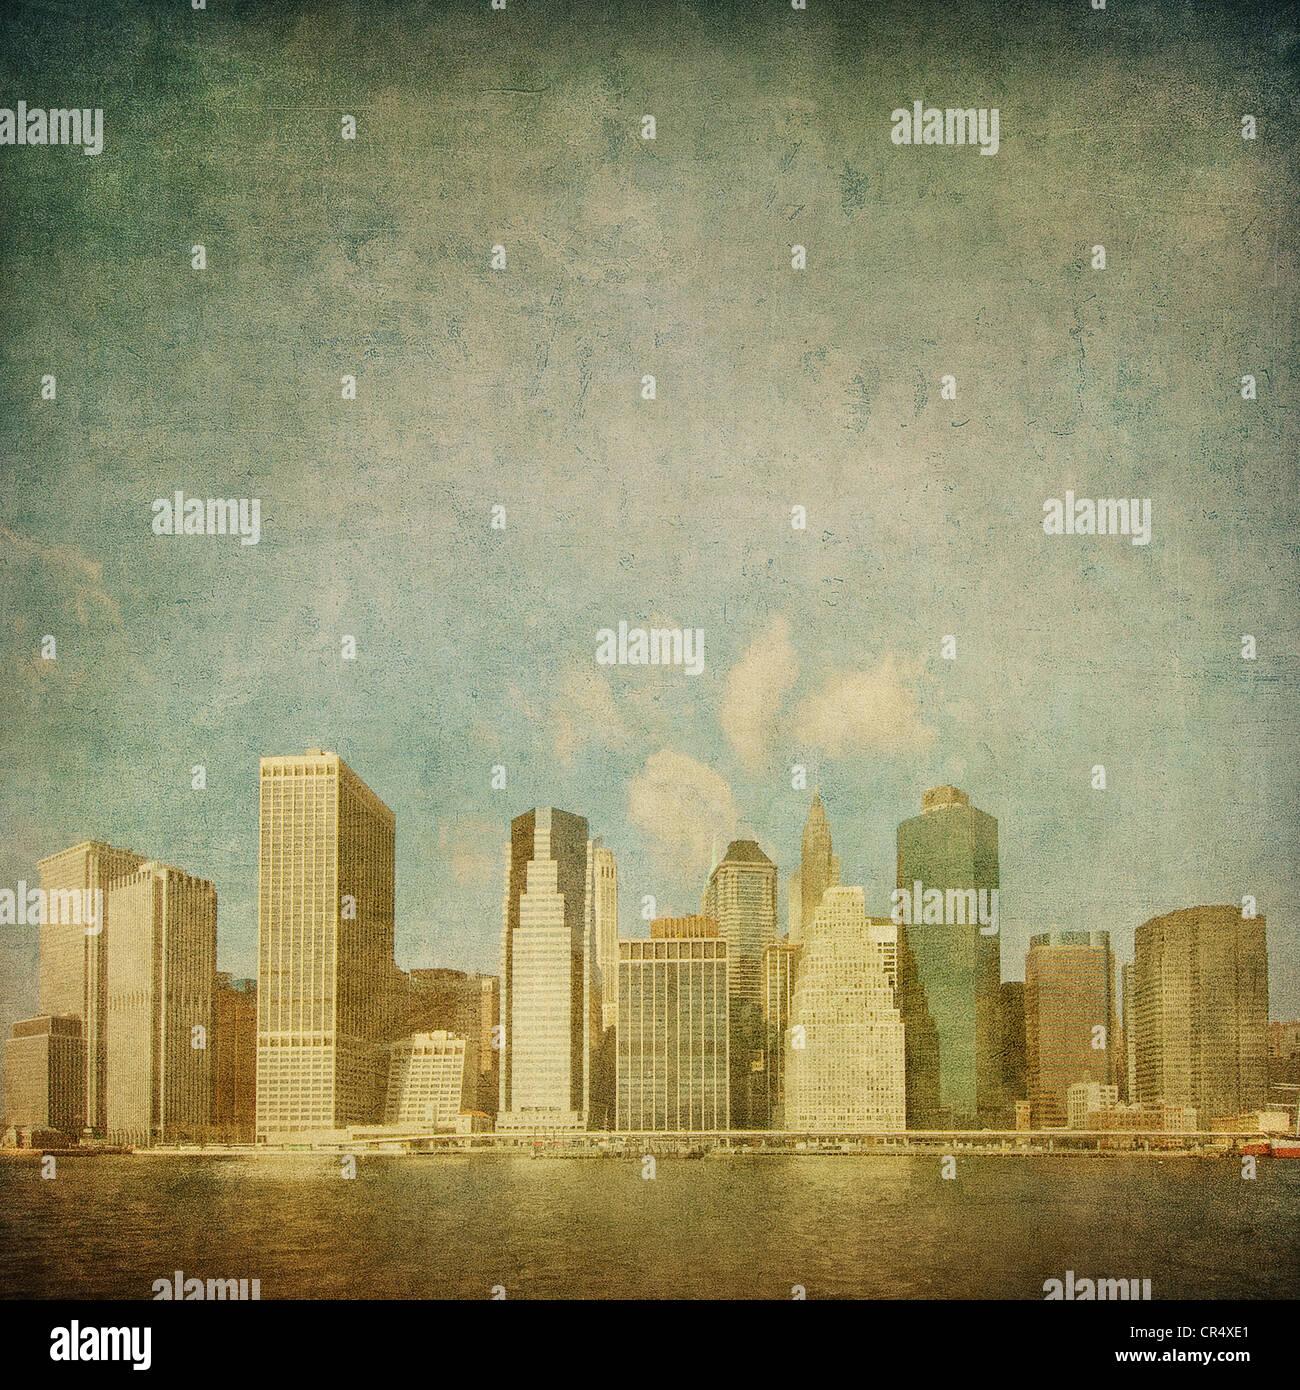 Grunge imagen del horizonte de Nueva York Imagen De Stock